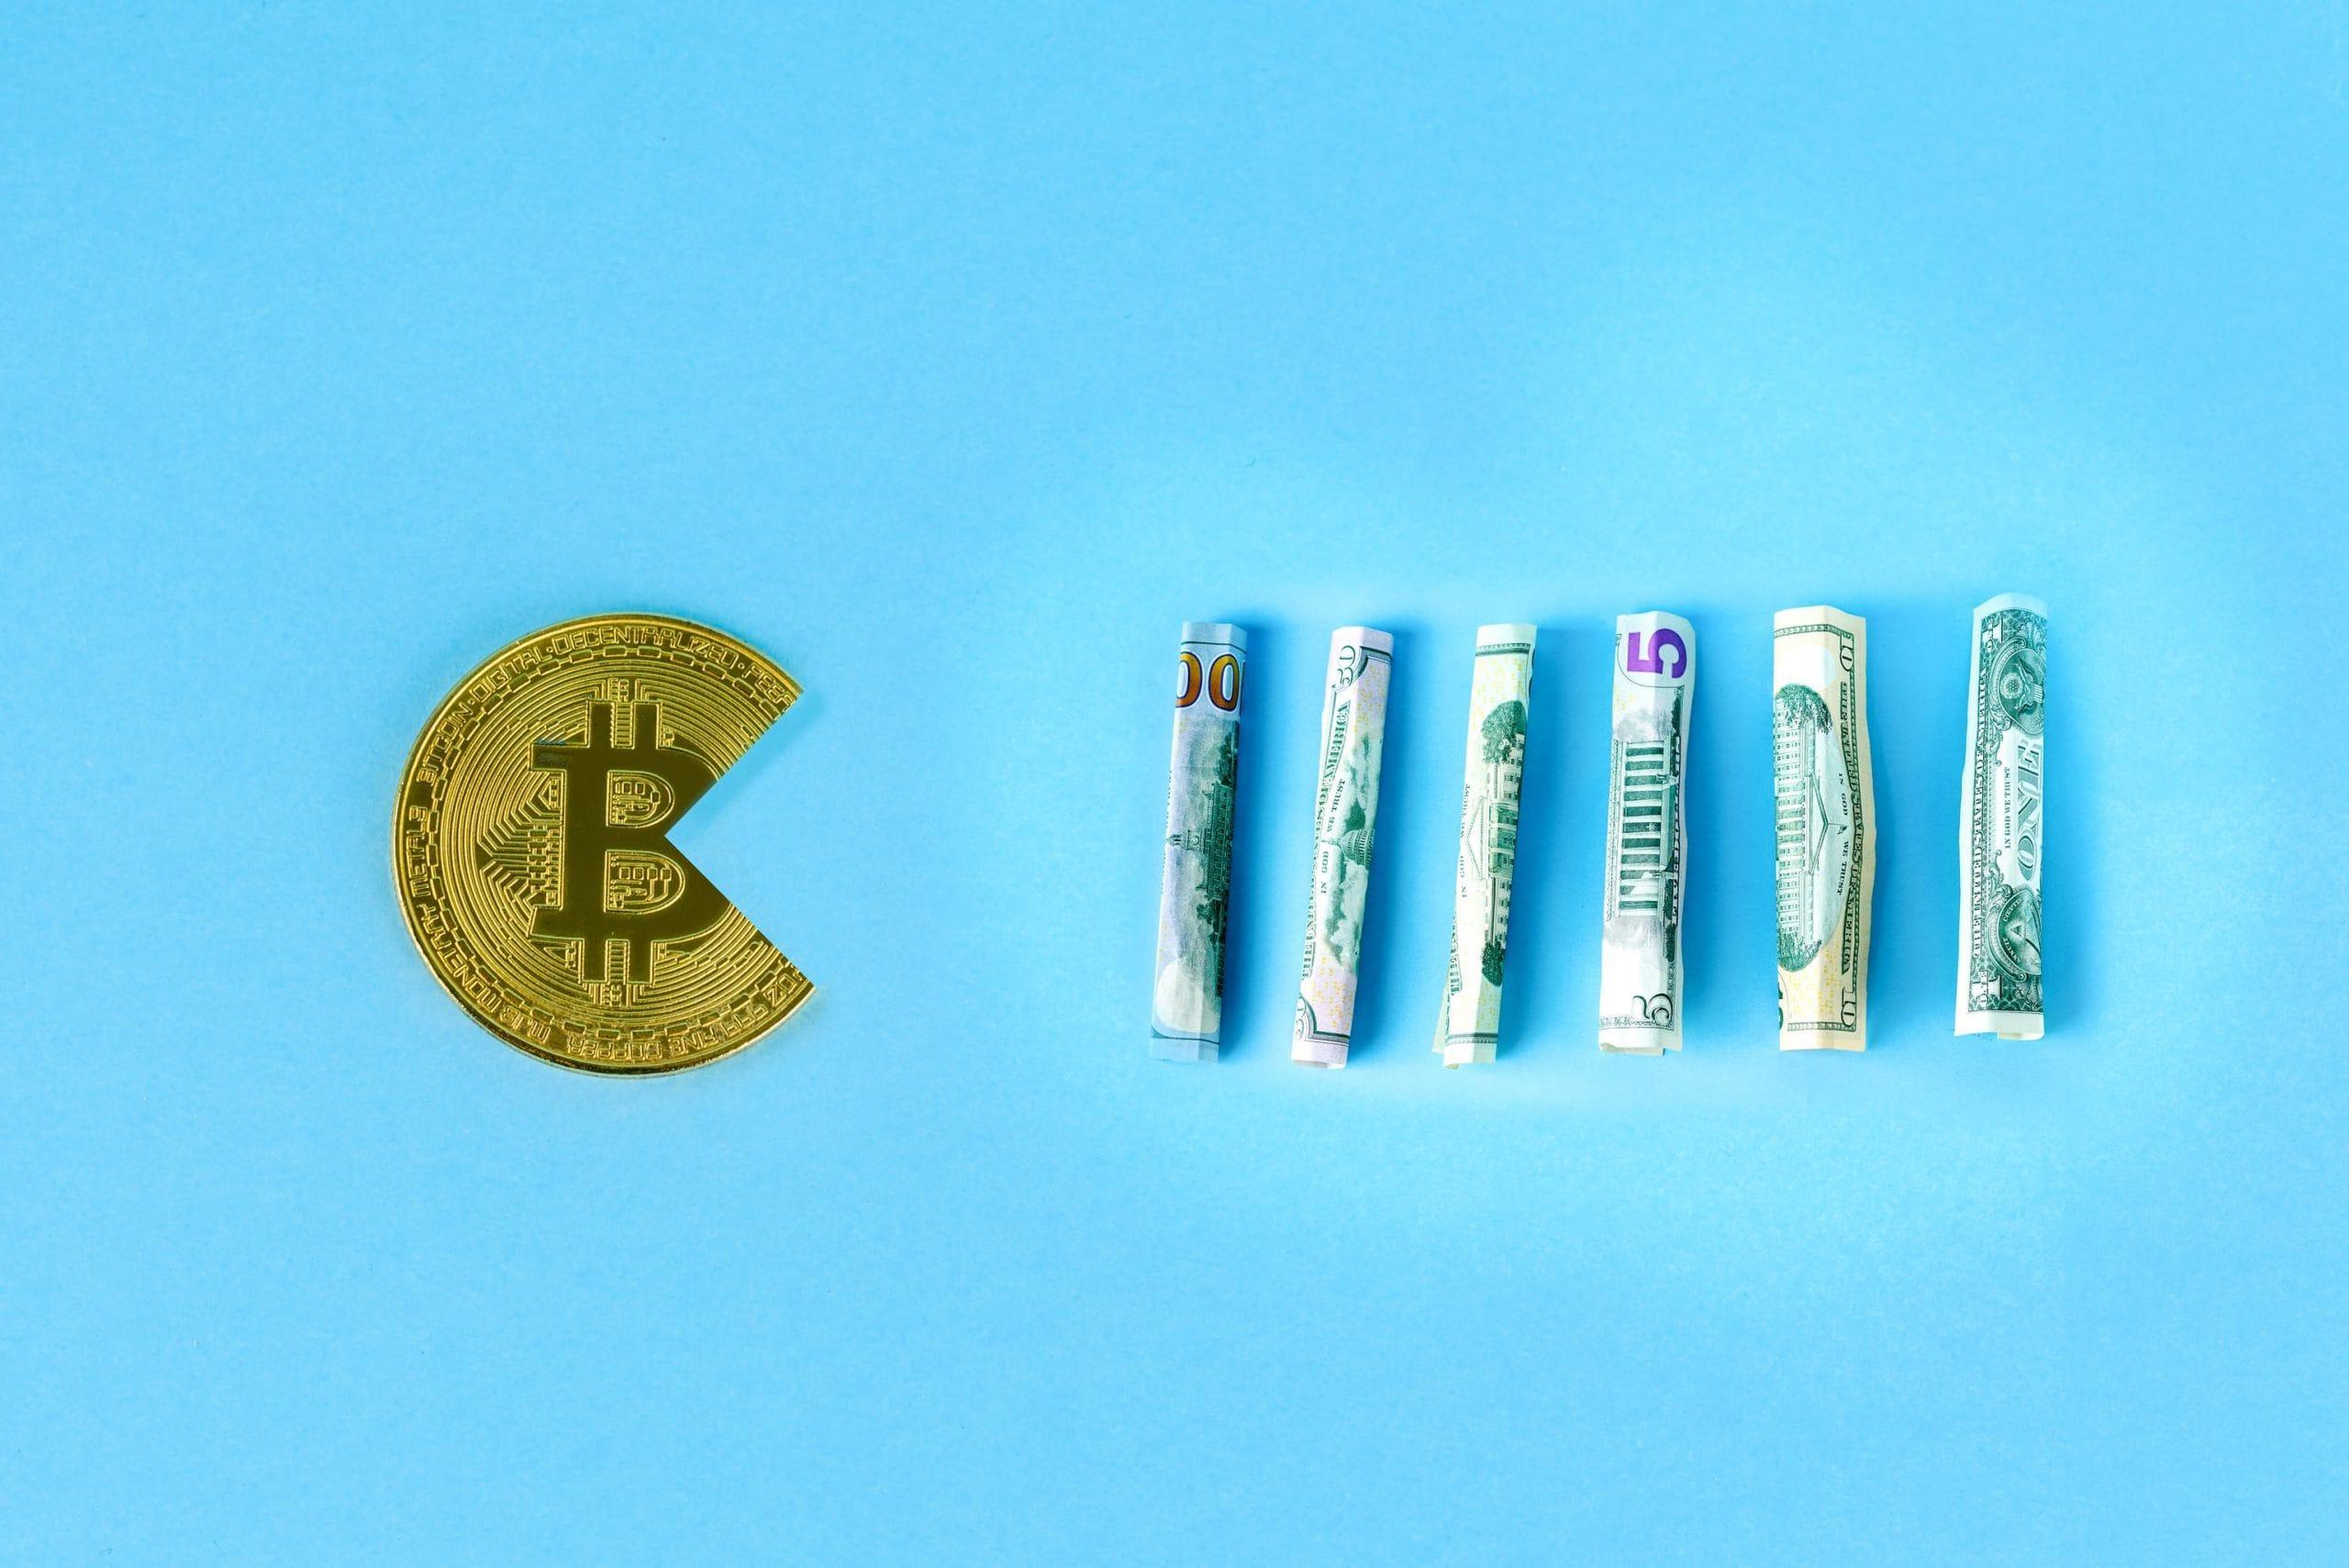 Bitcoin-Münze in Pacman-Form frisst zusammengerollte Dollar-Noten